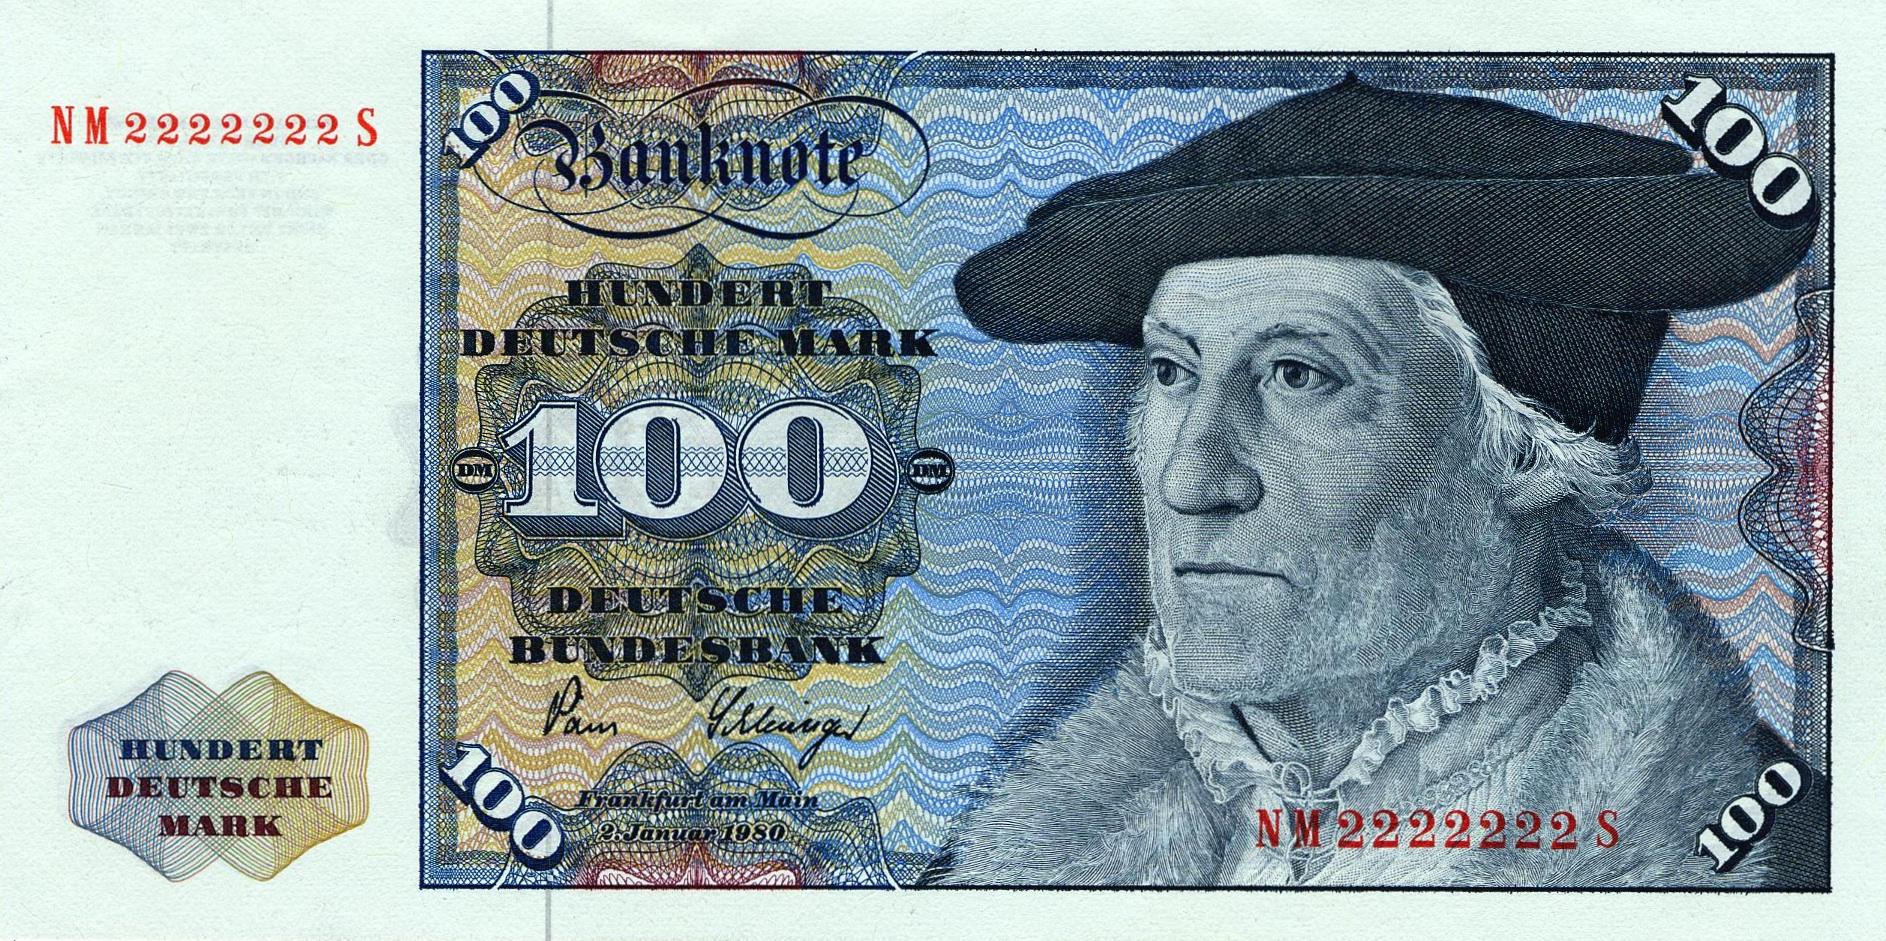 100 Deutsche Marks Banknote Sebastian Münster